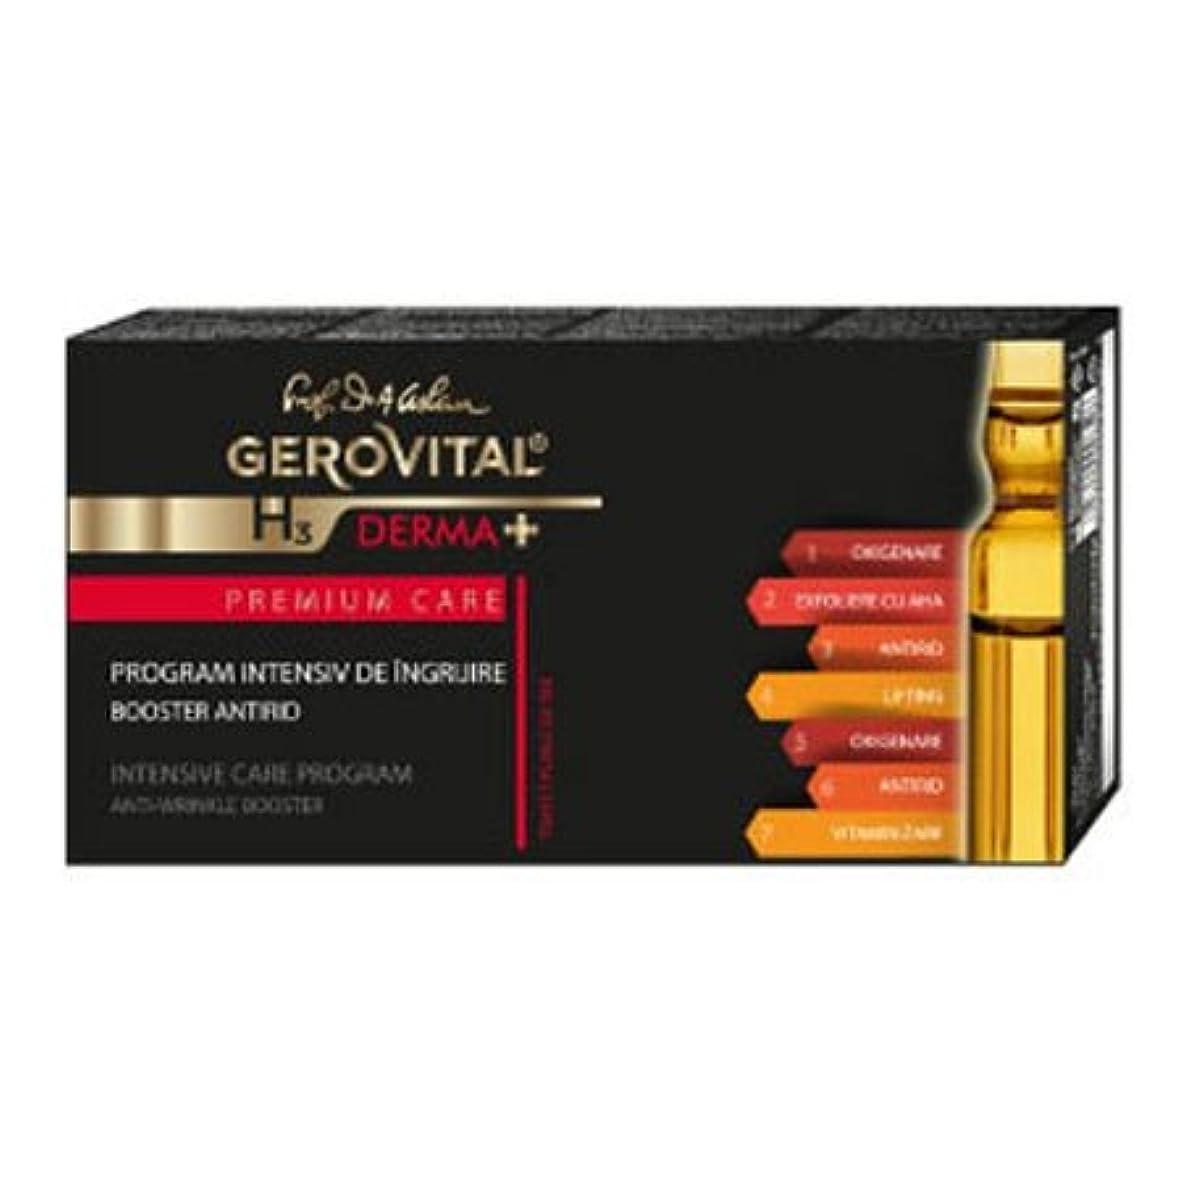 ジェロビタール H3 デルマ+ プレミアムケア アンチリンクルブースター 7 vials x 2 ml [海外直送] [並行輸入品]